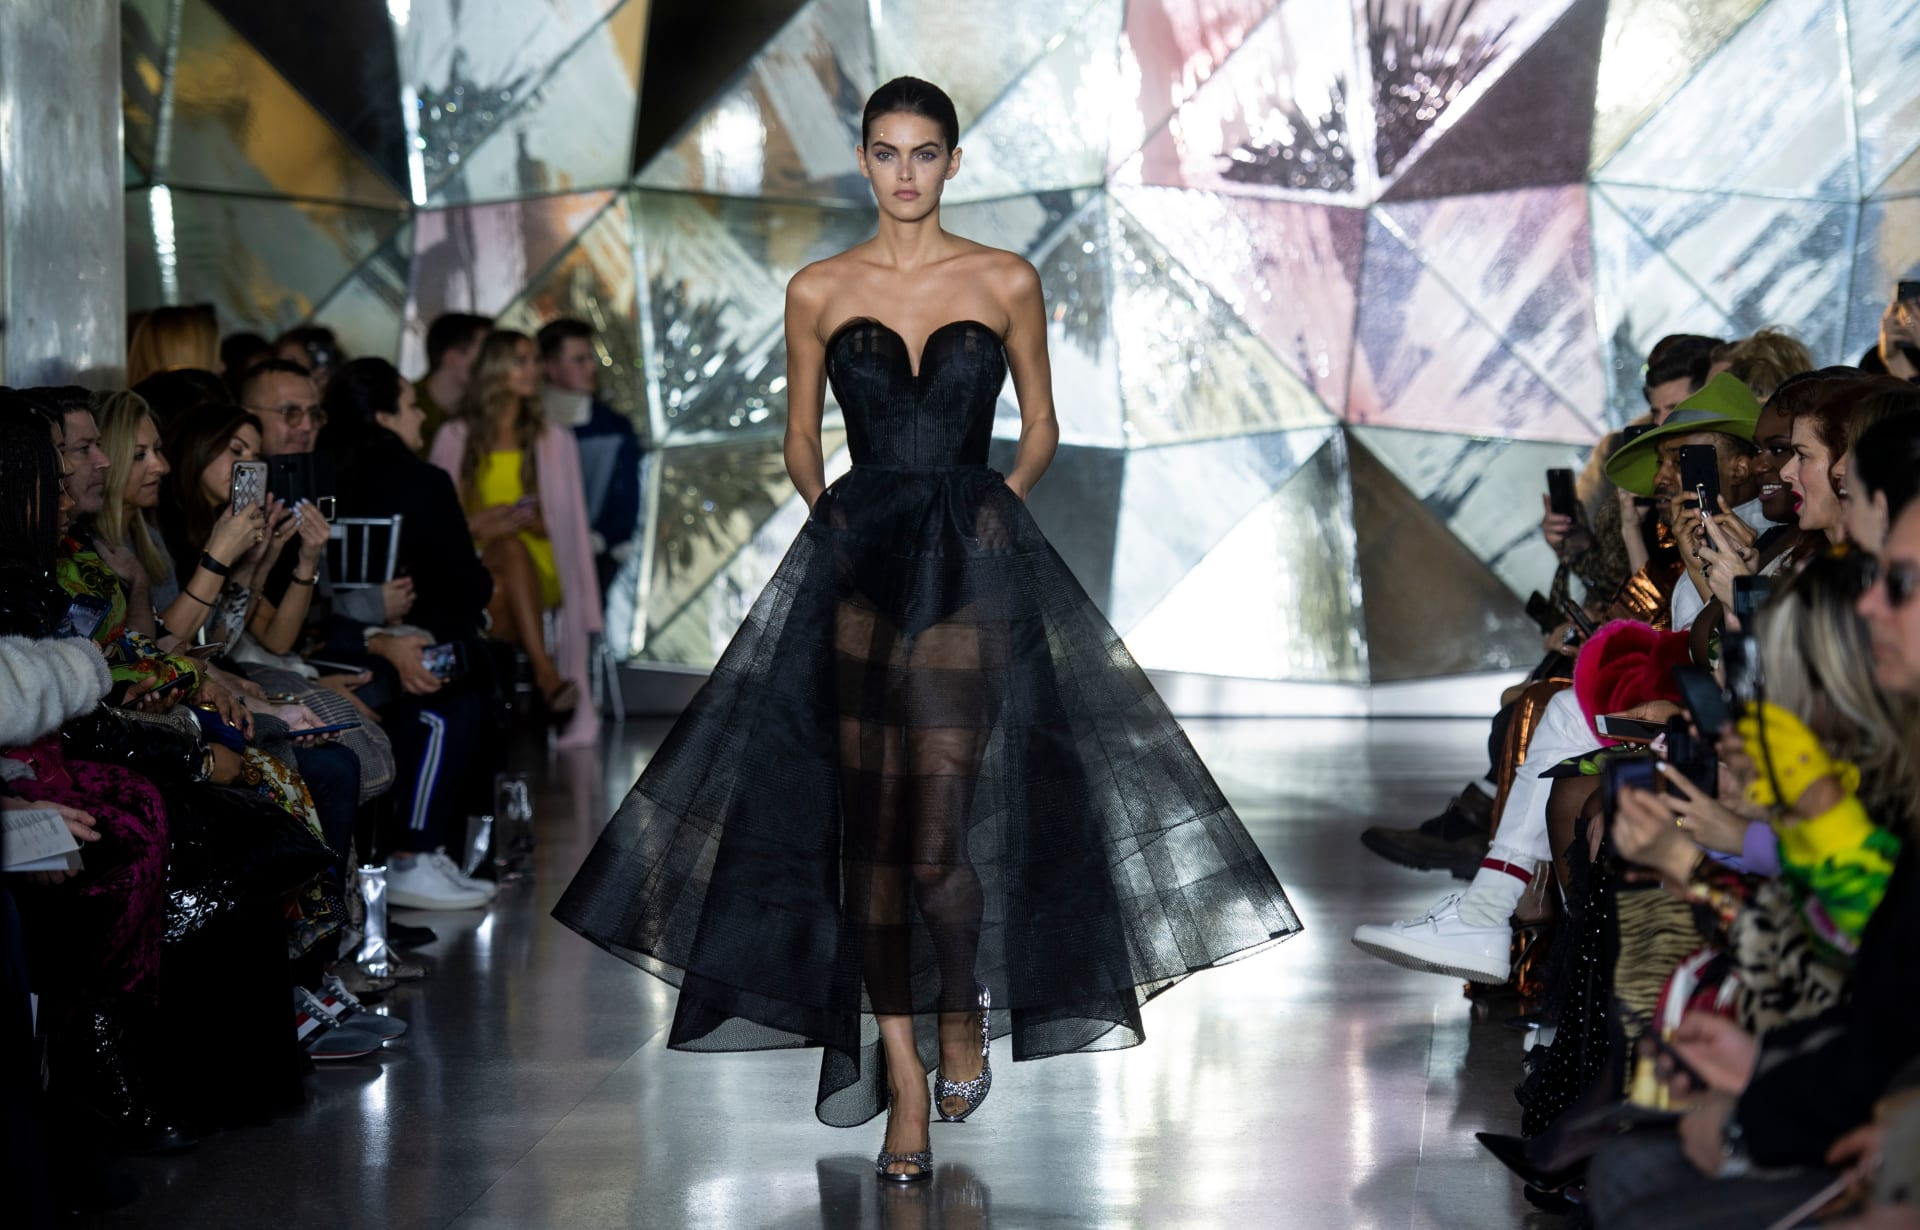 عارضة الأزياء باربرا فلاهو تقدم عملا لكريستيان سيريانو